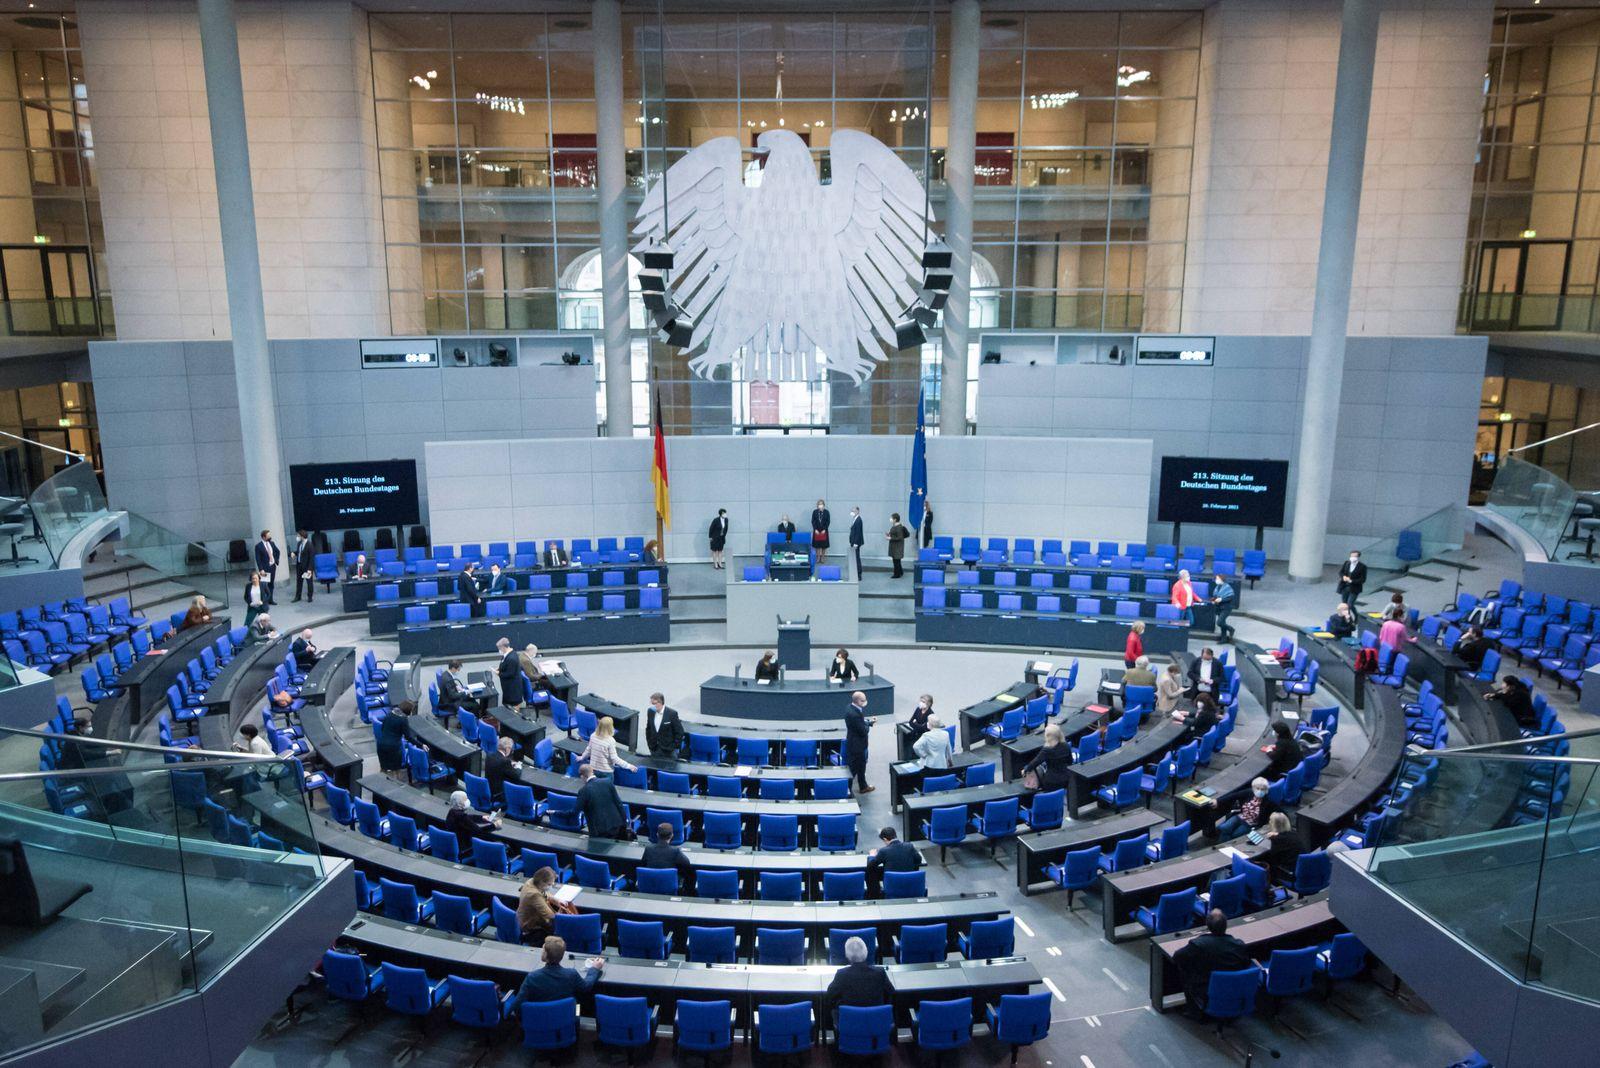 Berlin, Plenarsitzung im Bundestag Der Plenarsaal vor Beginn der Sitzung des Deutschen Bundestags am 26.02.2021. Berlin